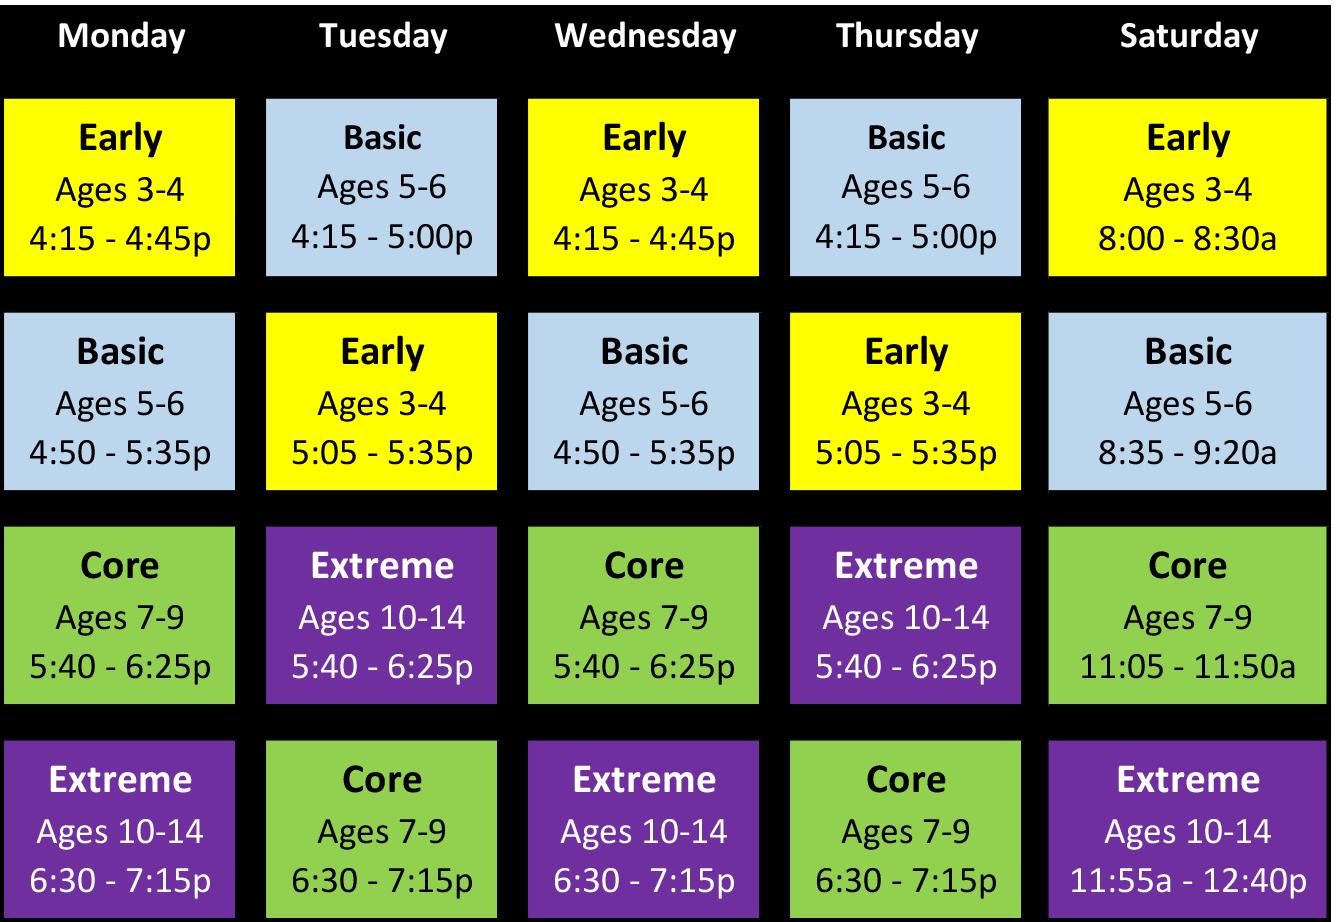 Schedule Effective 04-13-2019 - kids